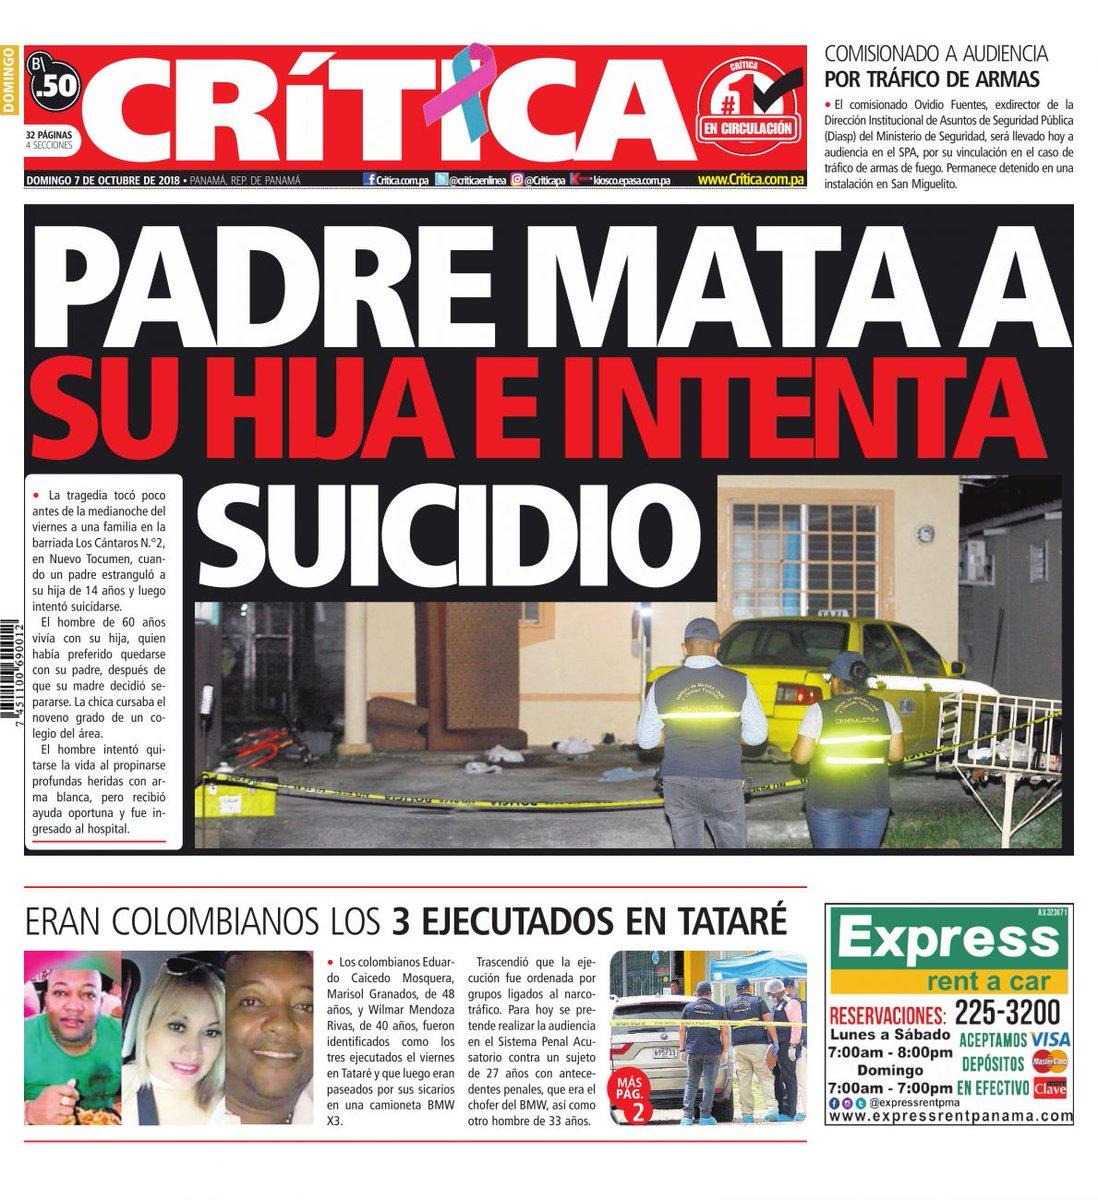 Diario Criticapa On Twitter Portadacri Las últimas Noticias En